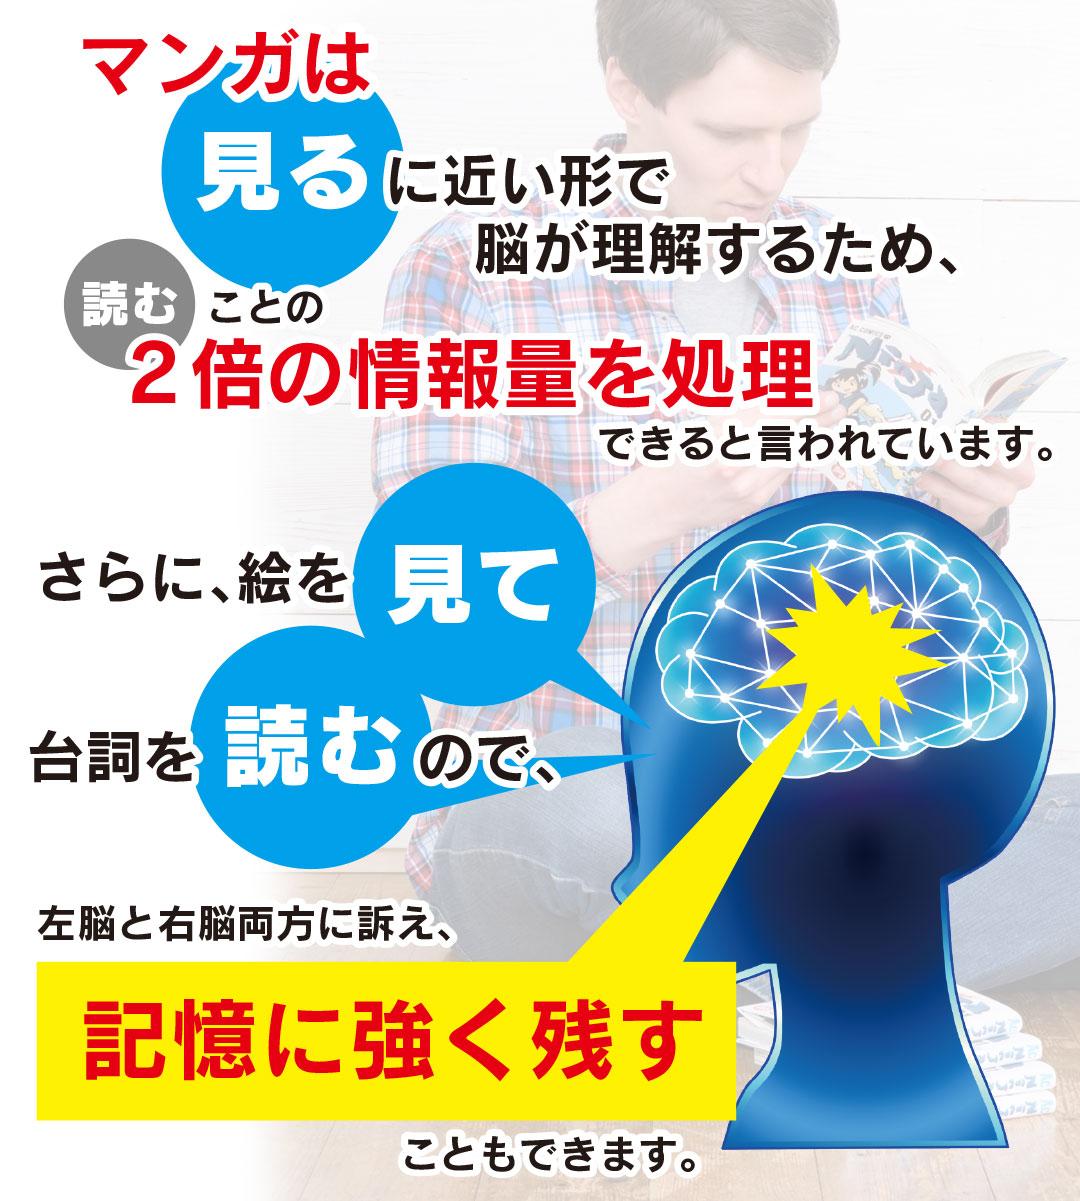 また、マンガは「見る」に近い形で脳が理解するため、「読む」ことの2倍の情報量を処理できるといわれています。 さらに、絵を「見て」台詞を「読む」ので、左脳と右脳両方に訴え、記憶に強く残すこともできます。